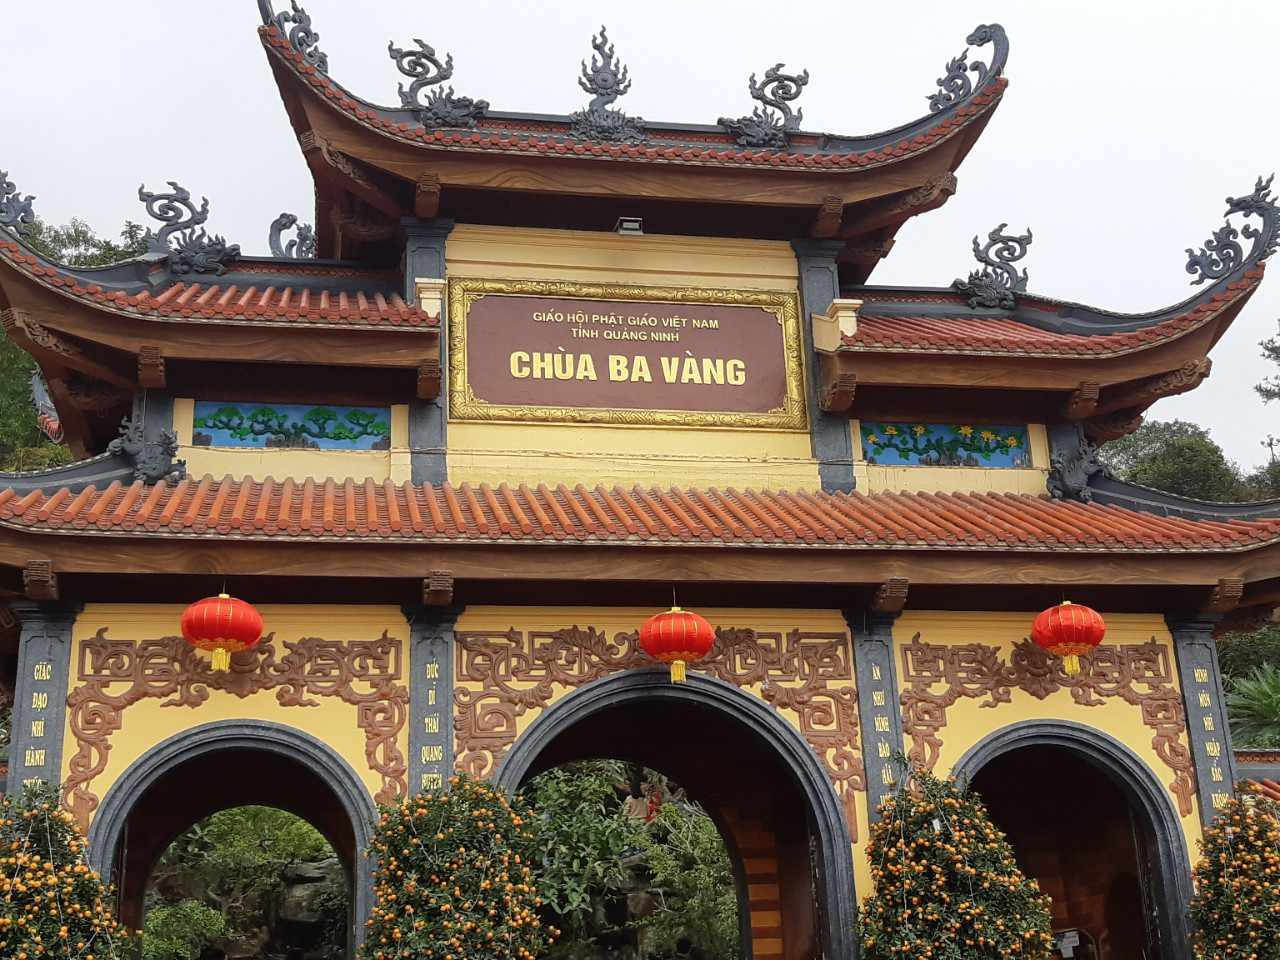 Nếu có đi tour Hạ Long thì nhớ ghé thăm chùa Ba Vàng nữa nhé.